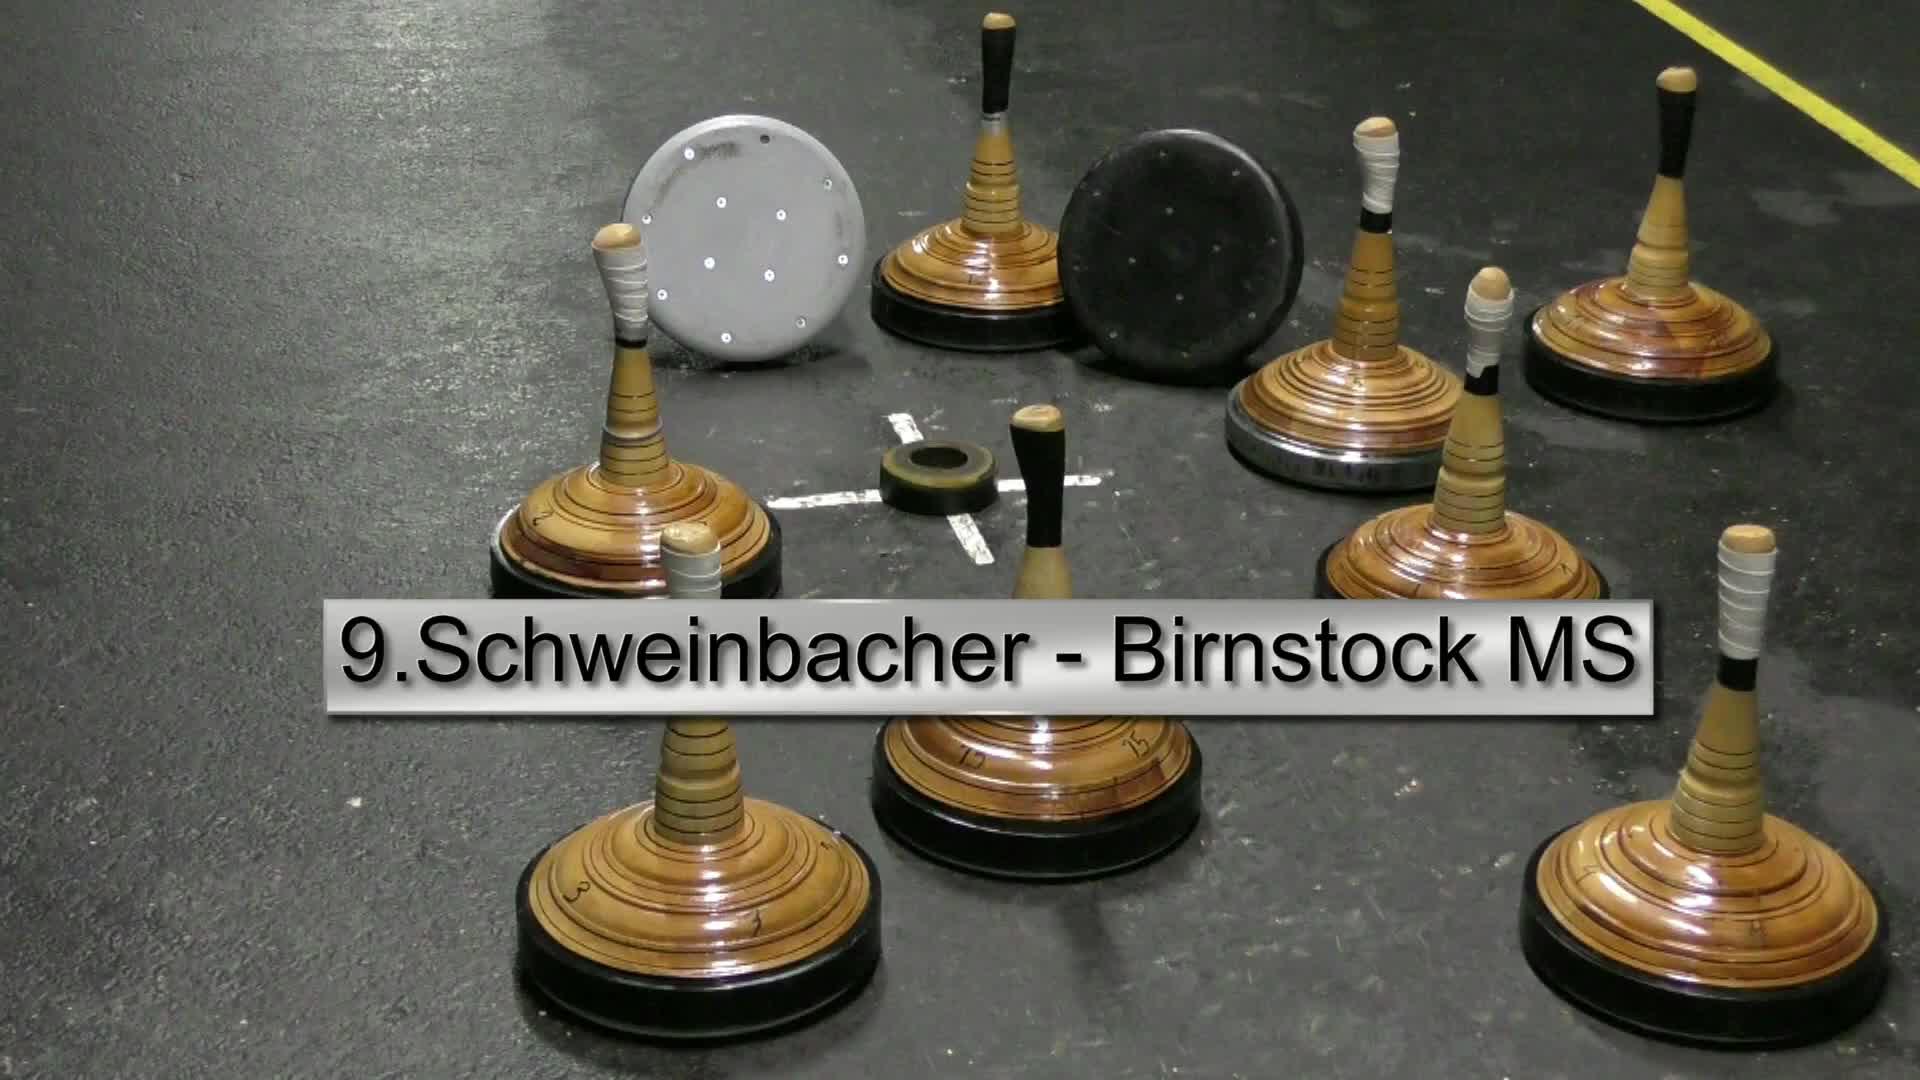 9. Schweinbacher Birnstock-Ortsmeisterschaft